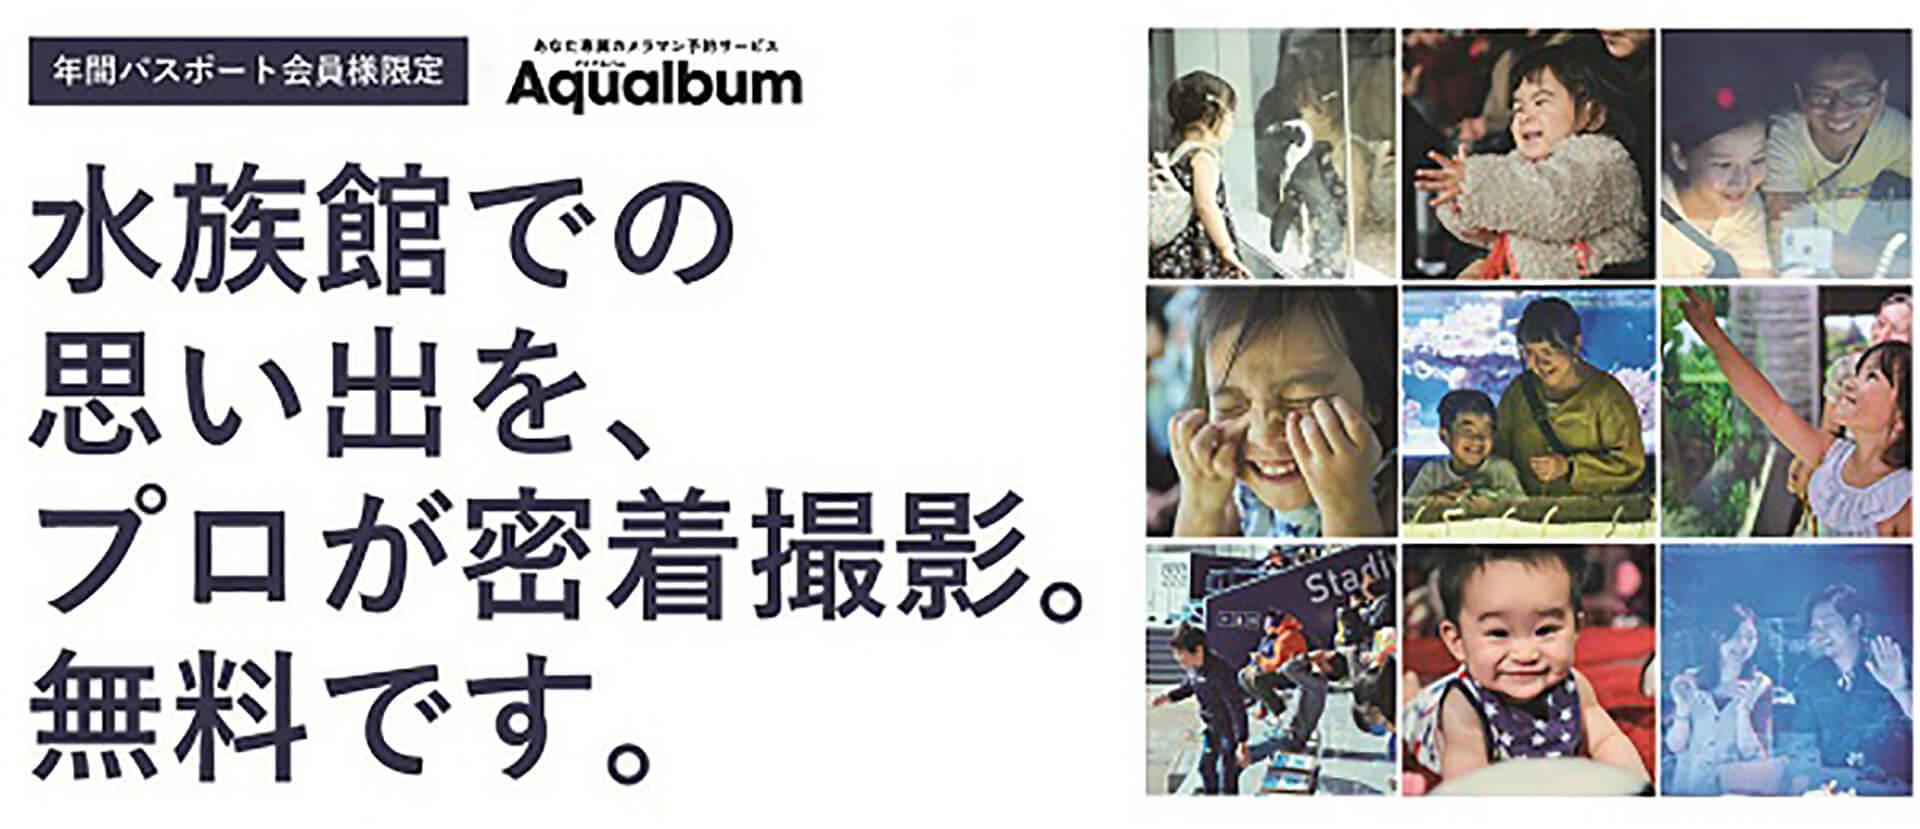 すみだ水族館・Aqualbum(アクアルバム)